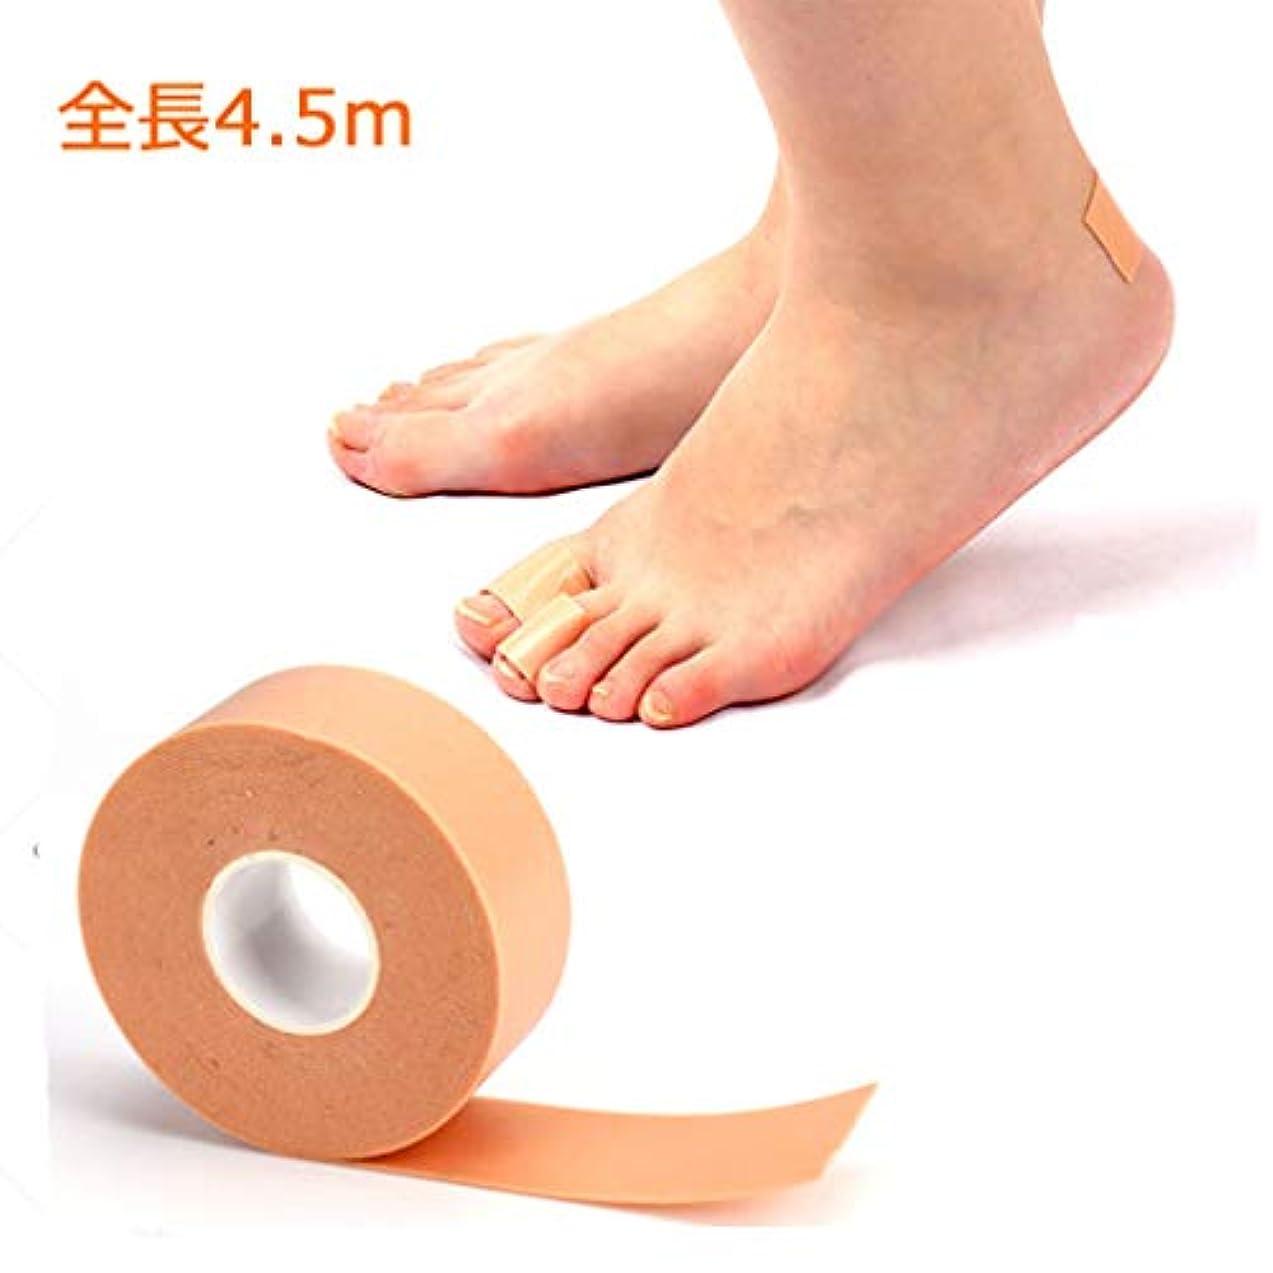 原子カナダトラフIGUGHI 靴擦れ防止パッド かかとパッド 靴ずれ予防テープ テープ 防水素材 粘着 幅2.5cm×長5m 保護テープ 足用保護パッド 男女兼用